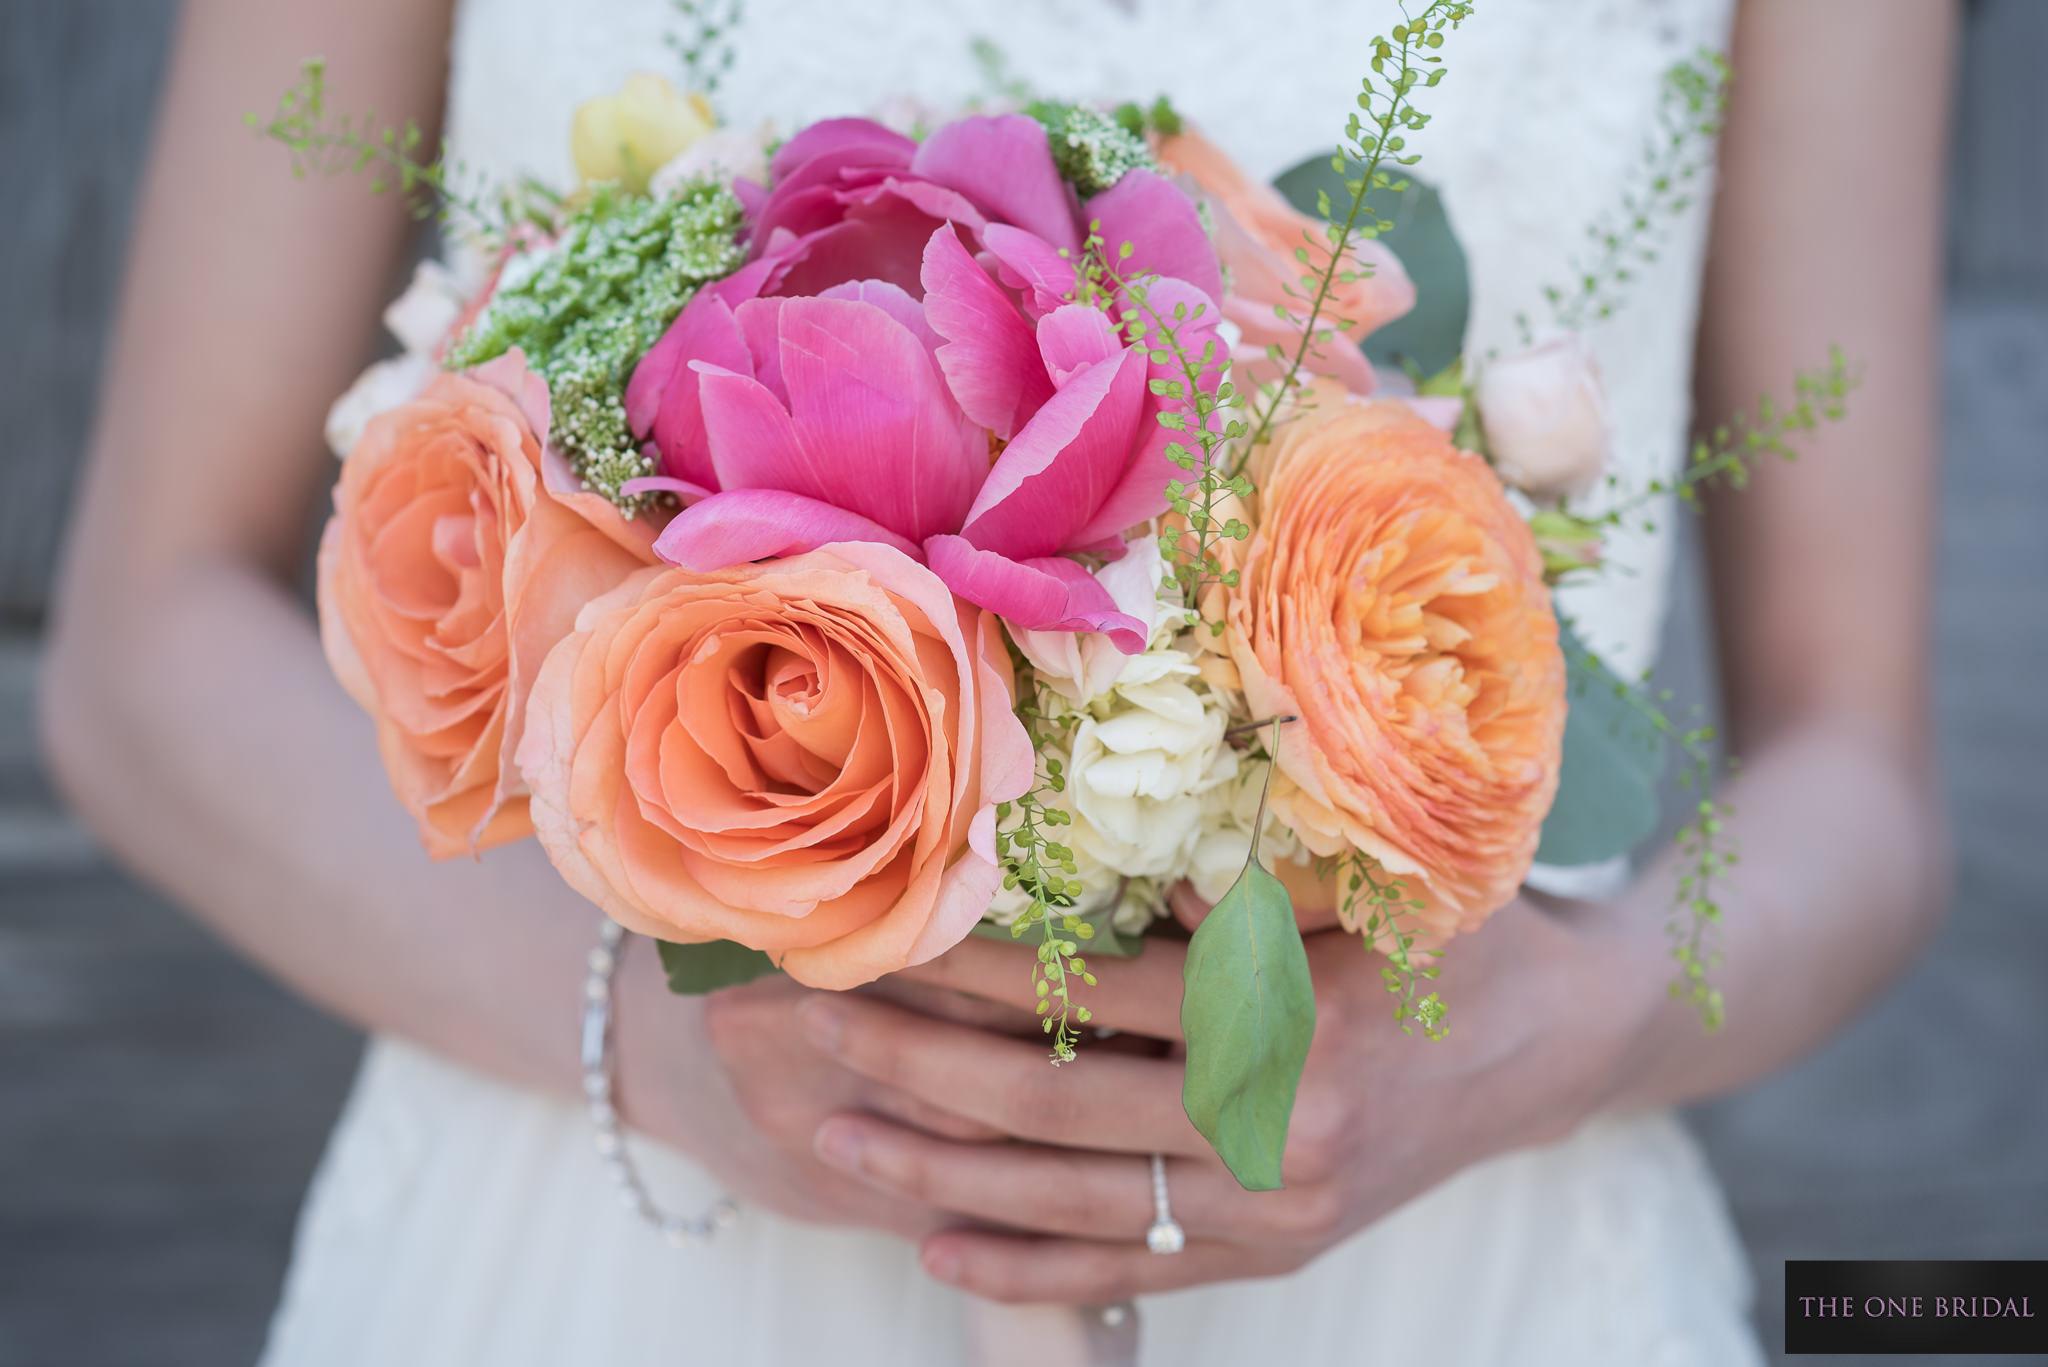 mandarin-golf-club-wedding-markham-the-one-bridal-091